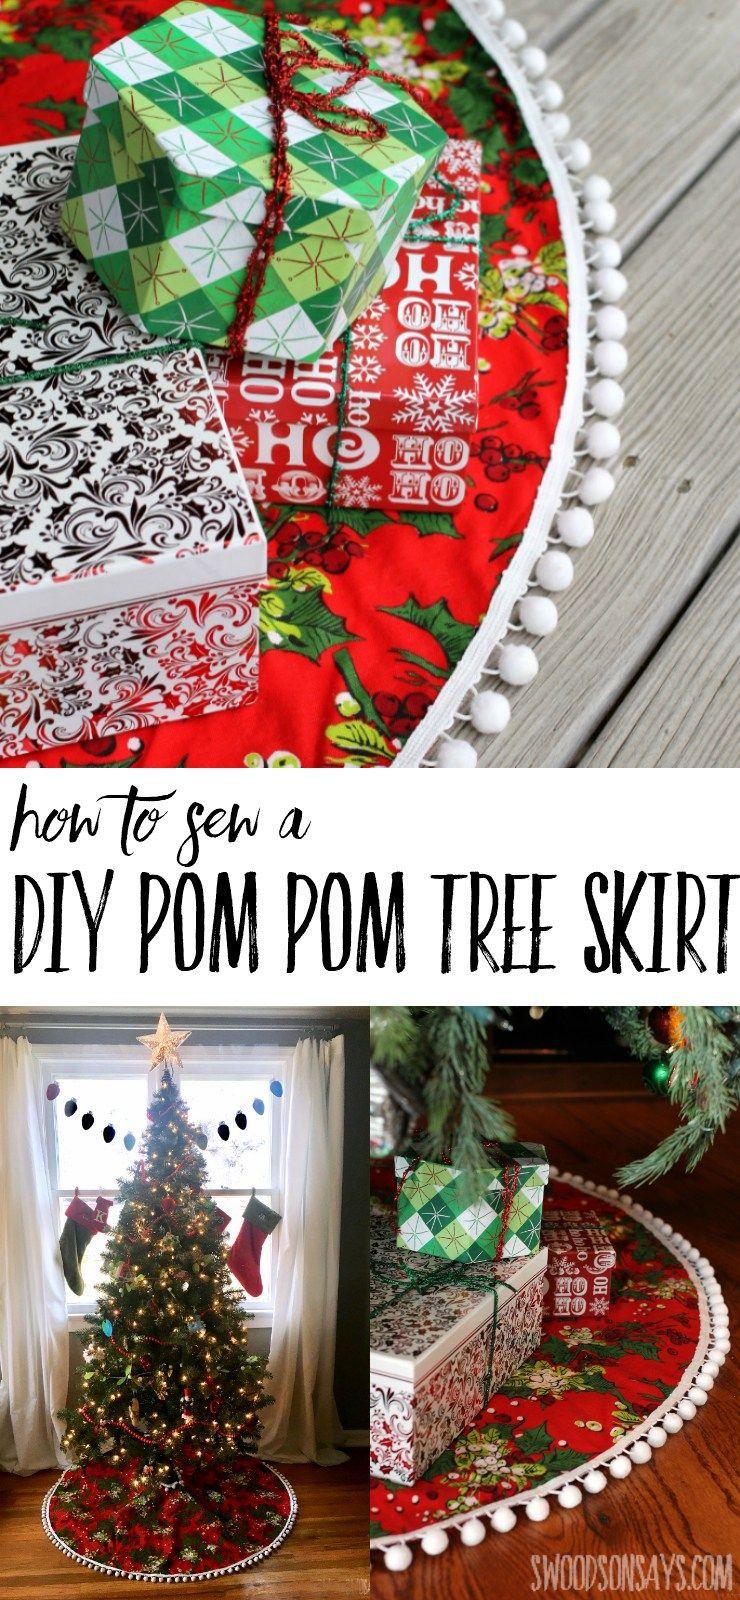 How To Sew A Diy Pom Pom Tree Skirt Pom Pom Tree Diy Pom Pom Christmas Diy